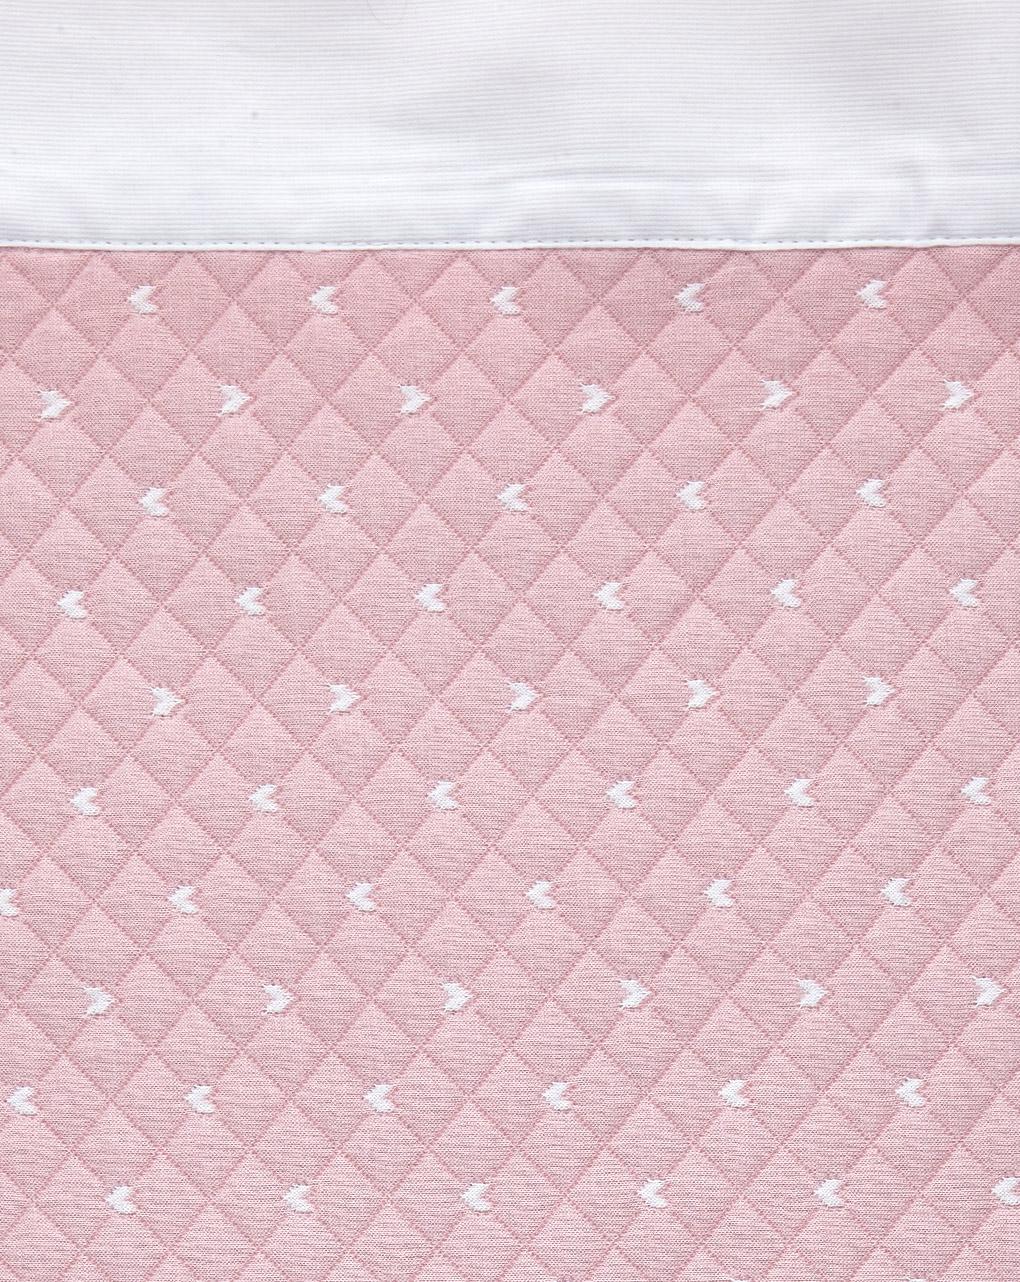 Letto - coperta letto estiva rosa con bordo bianco - Prénatal